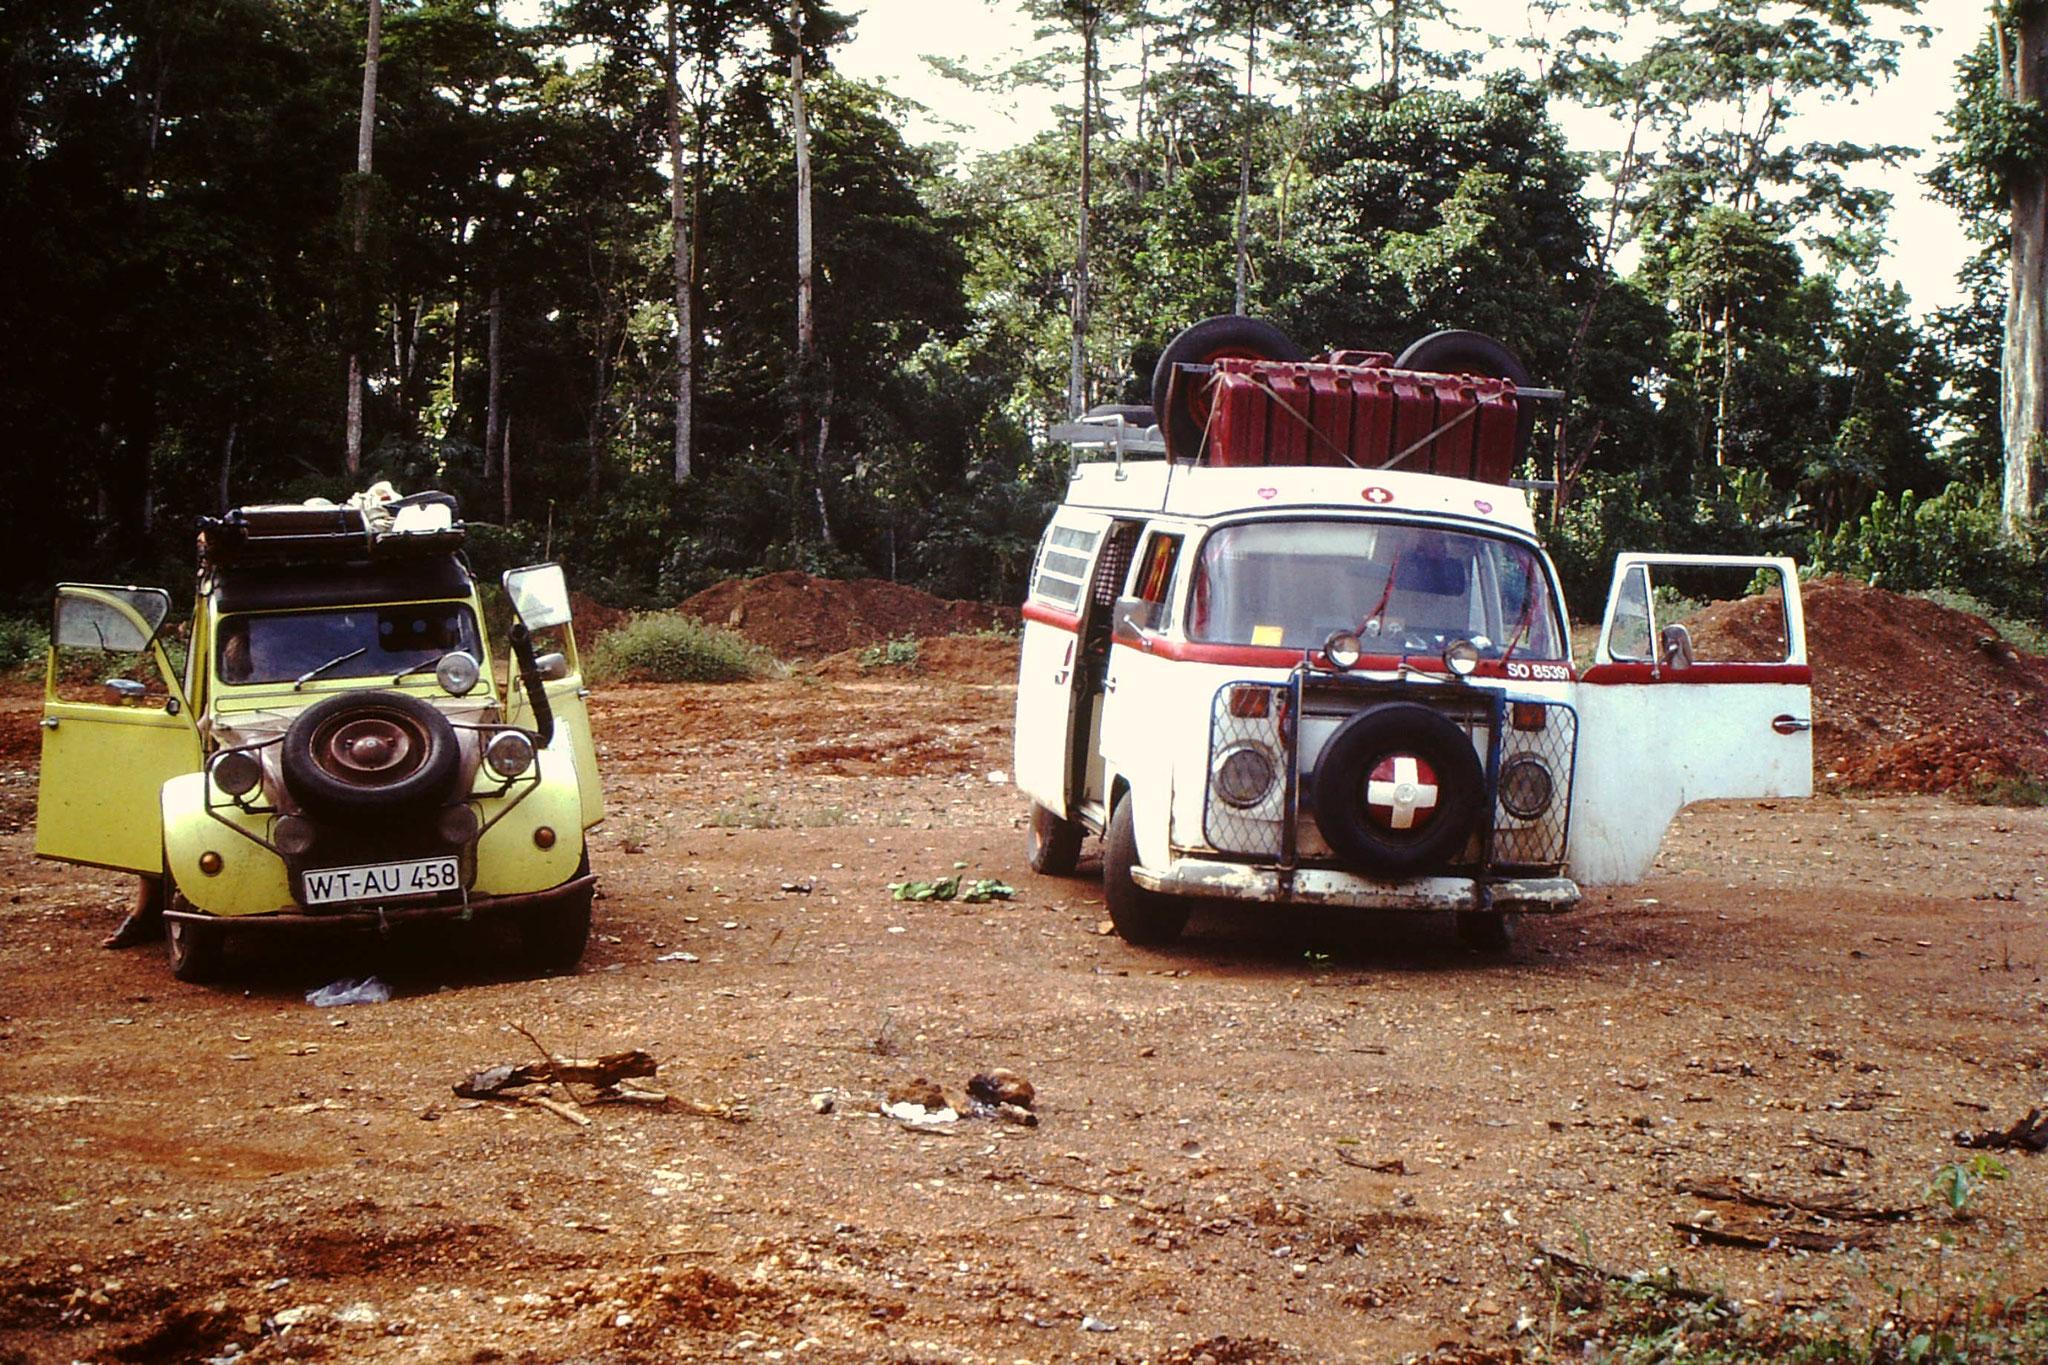 Unsere Fahrzeuge in einer Waldlichtung.